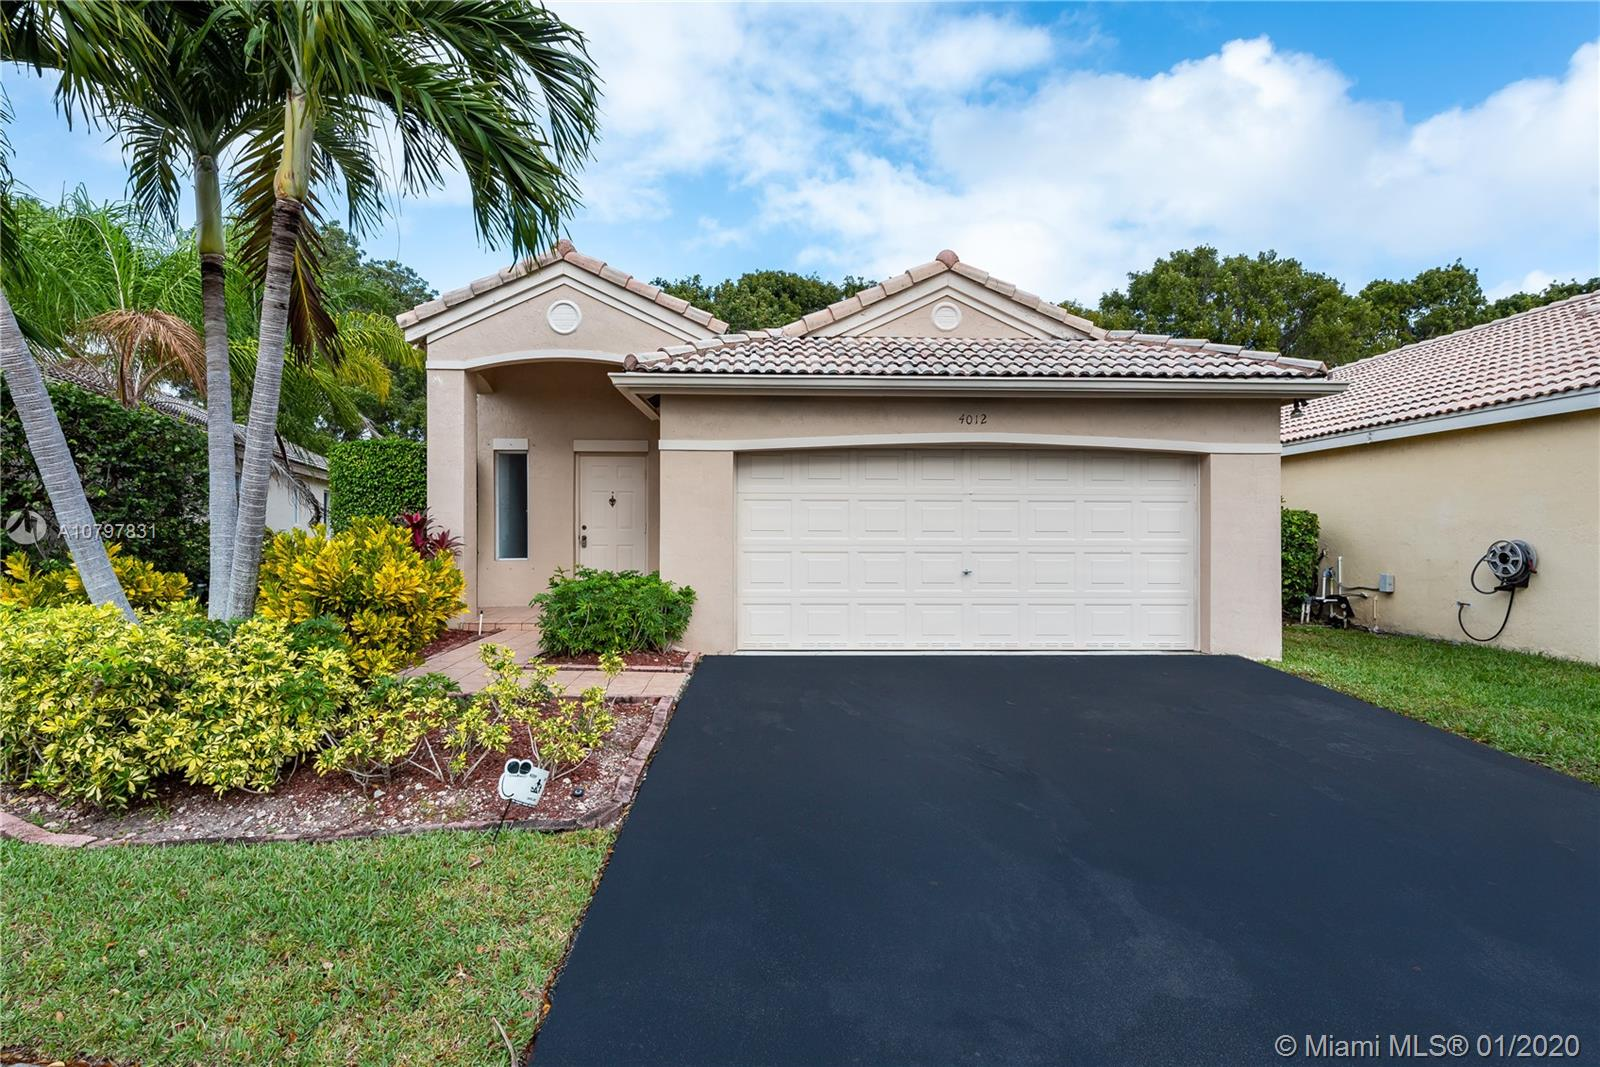 4012  Pine Ridge Ln  For Sale A10797831, FL